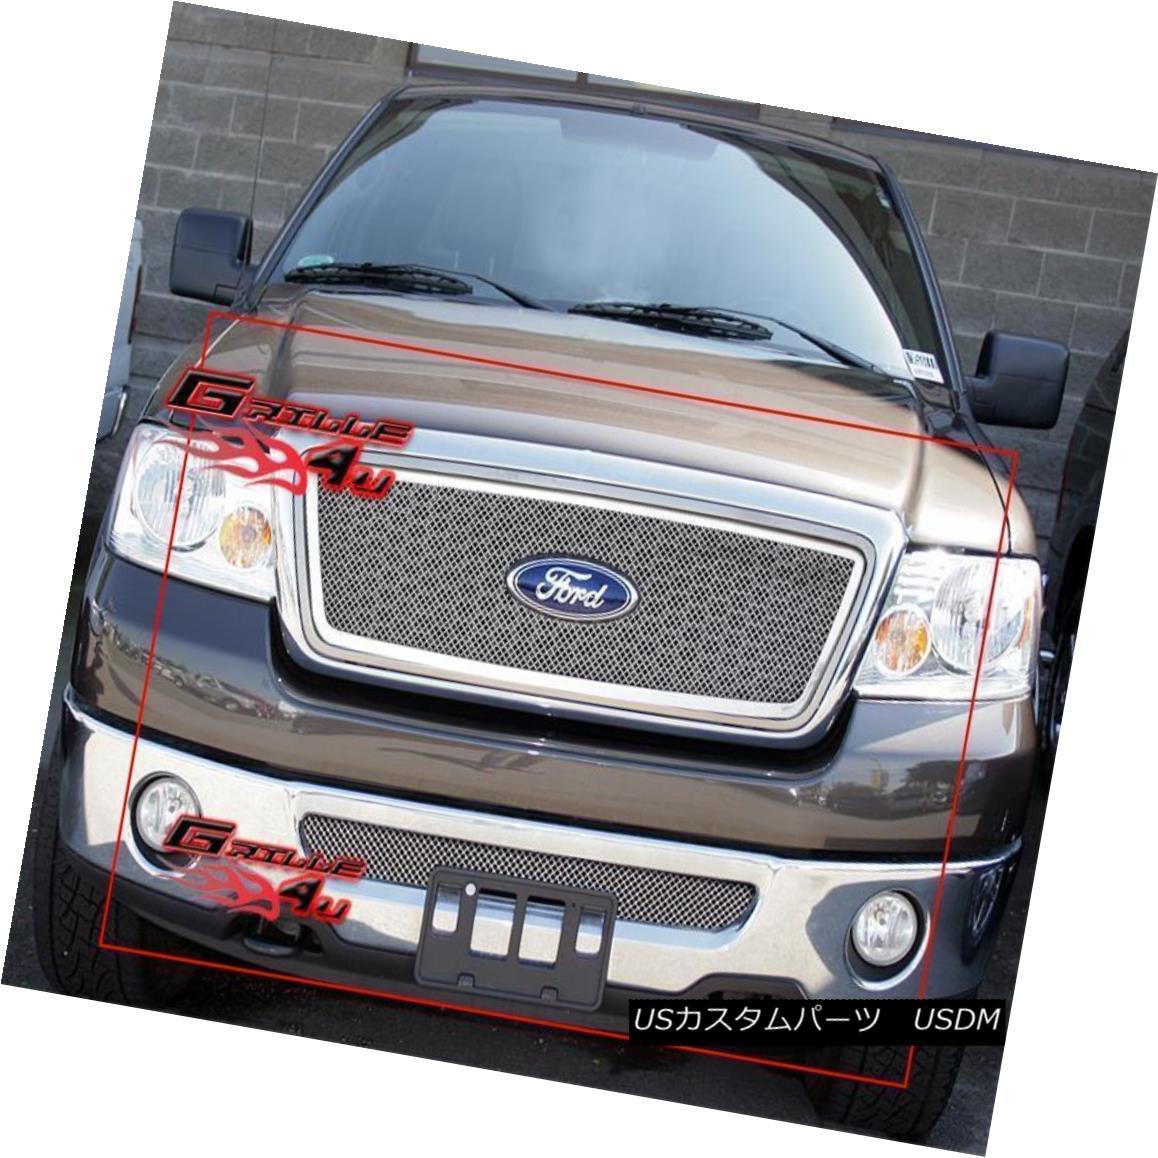 グリル Fits 2006-2008 Ford F-150 Honeycomb Style Stainless Steel Wire Mesh Grille Combo フィット2006-2008フォードF - 150ハニカムスタイルステンレス鋼ワイヤーメッシュグリルコンボ